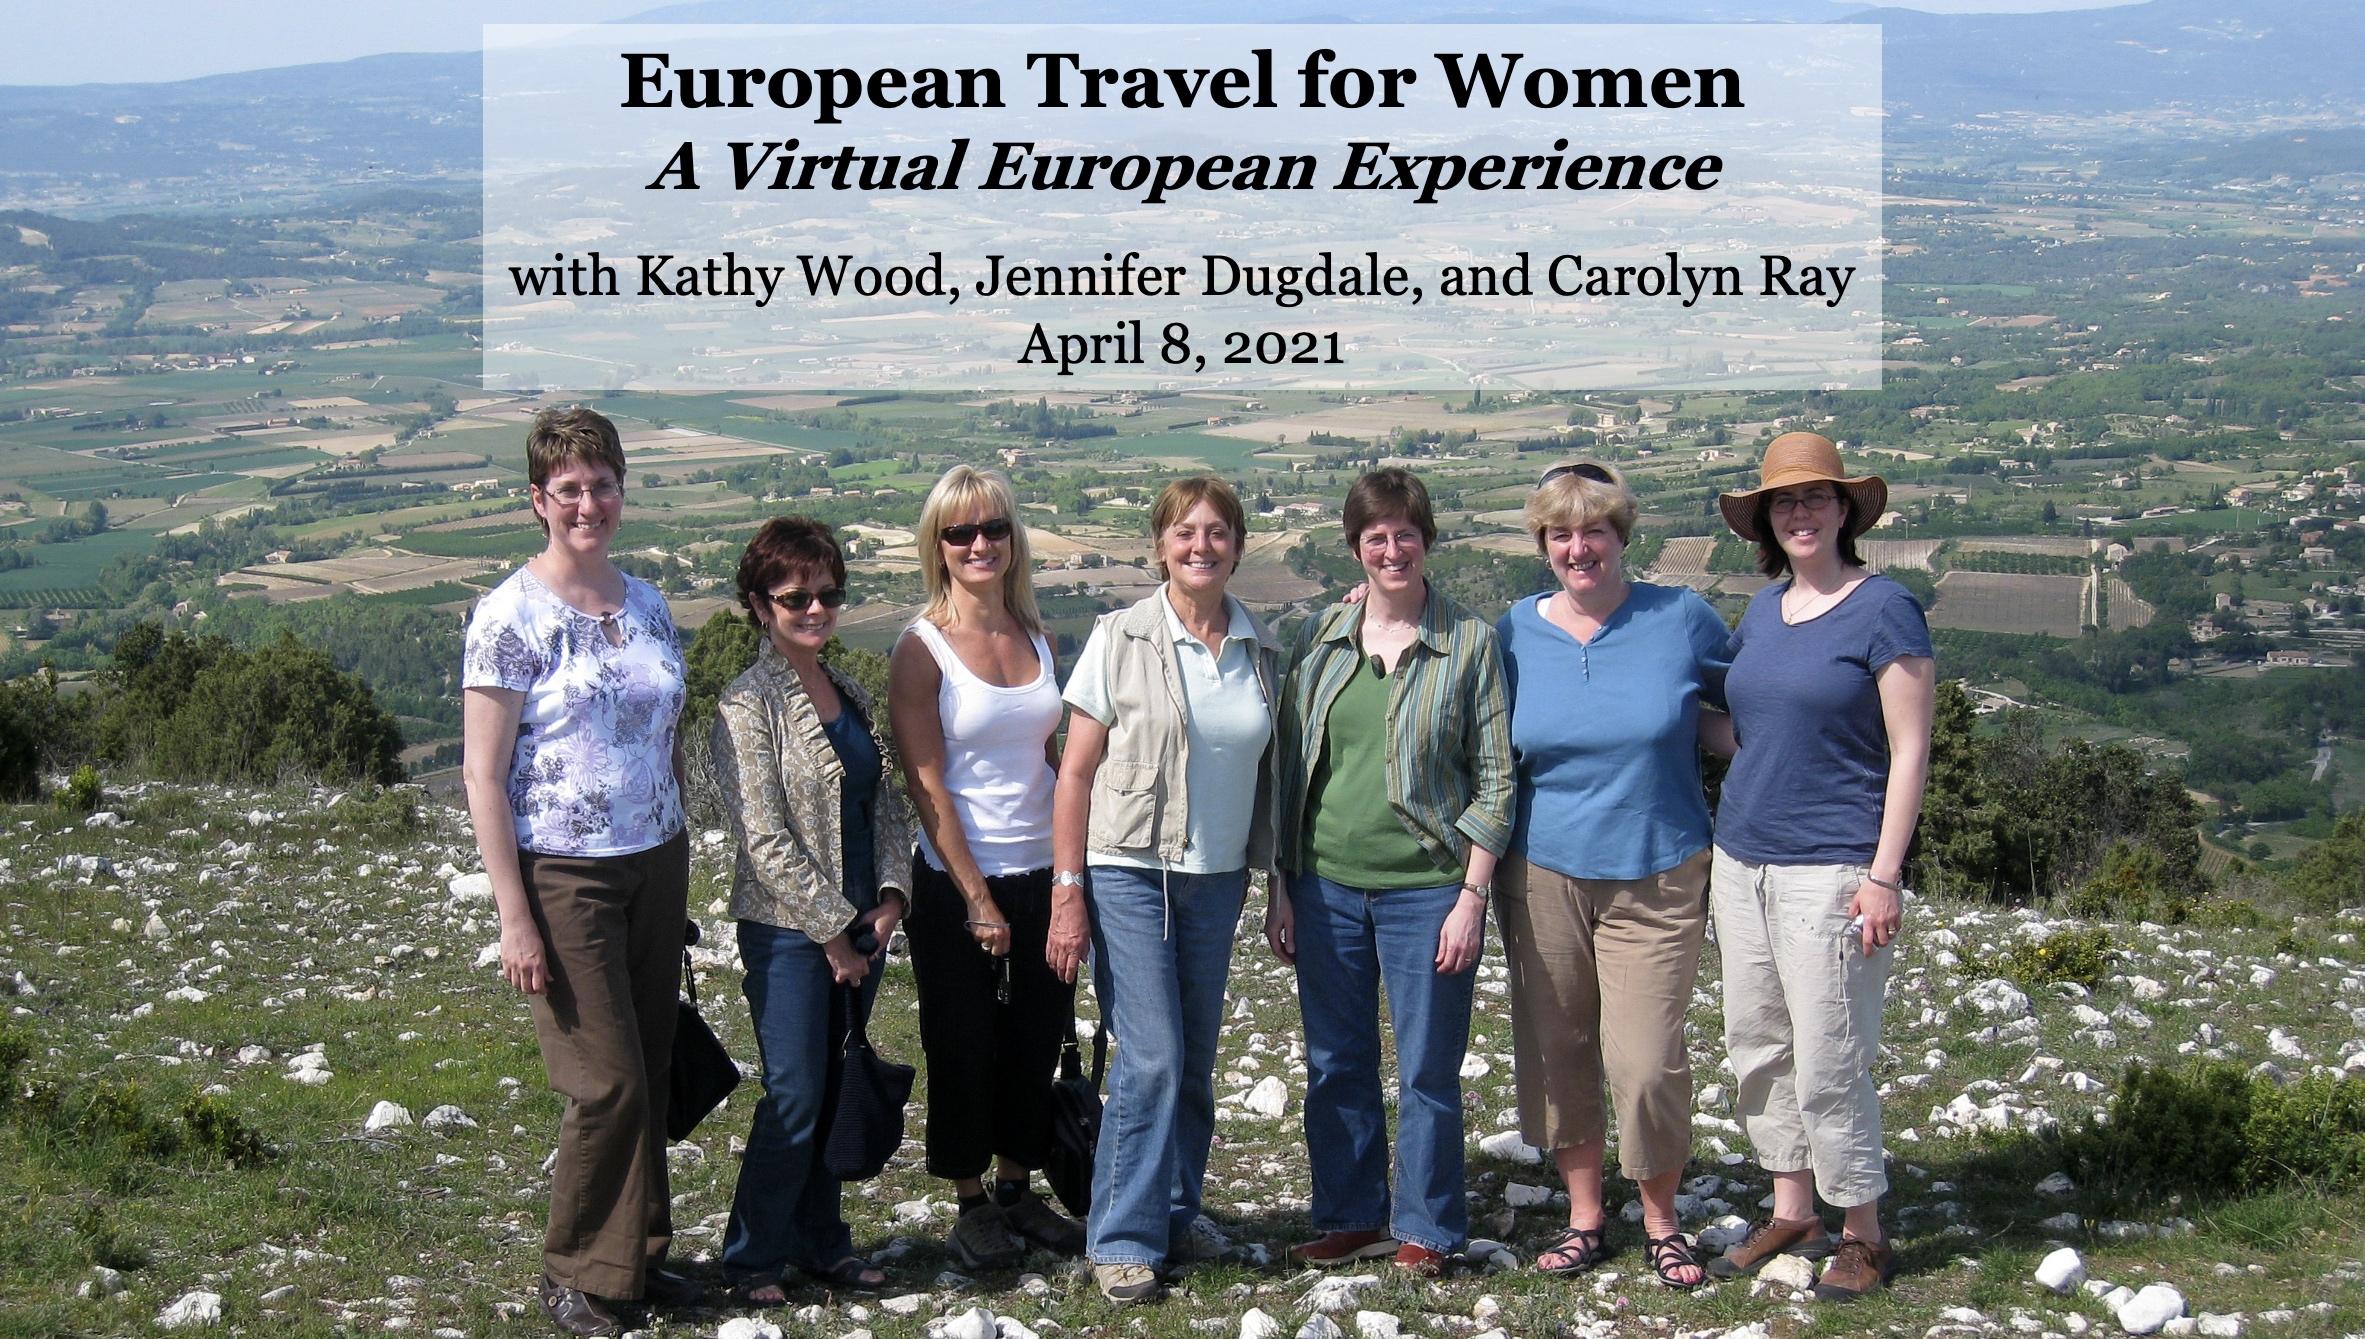 European Travel for Women